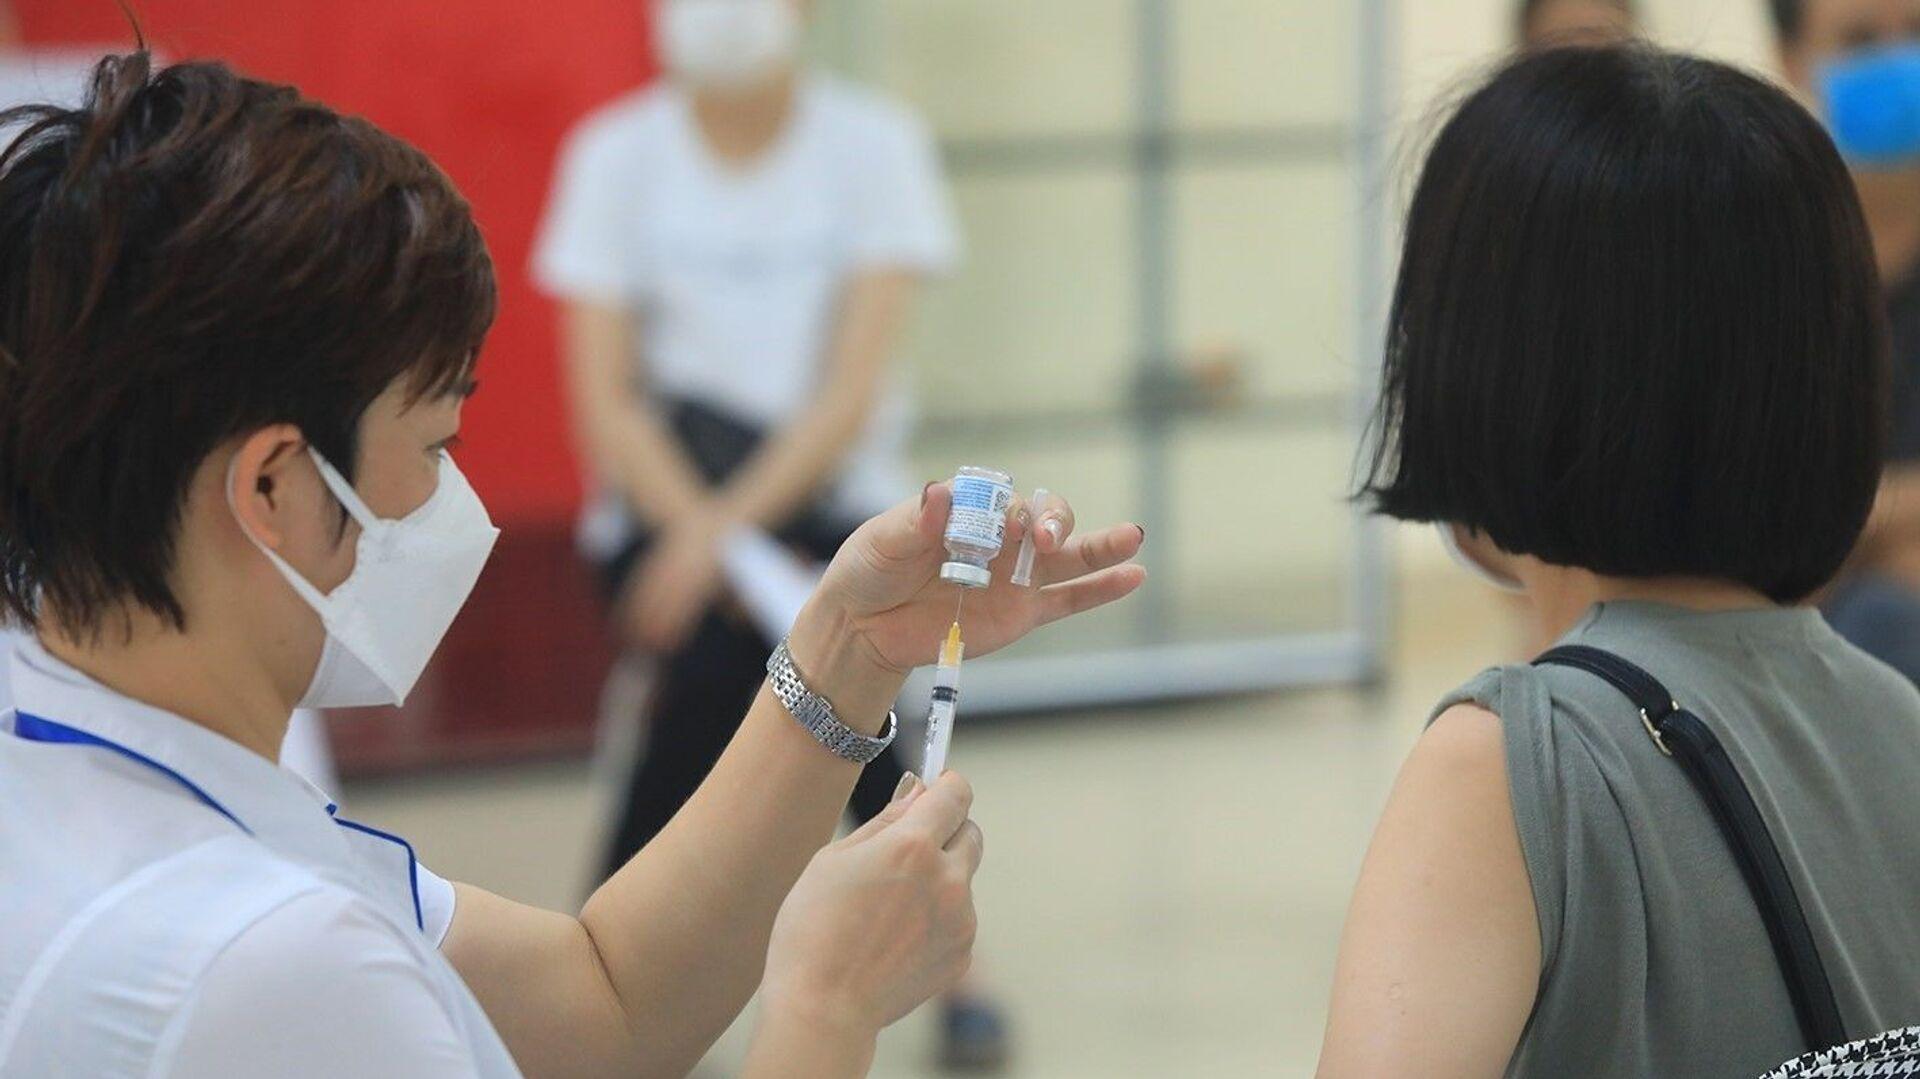 Các loại vaccine được sử dụng để tiêm cho người dân gồm: AstraZeneca, Pfizer và Moderna. - Sputnik Việt Nam, 1920, 10.08.2021